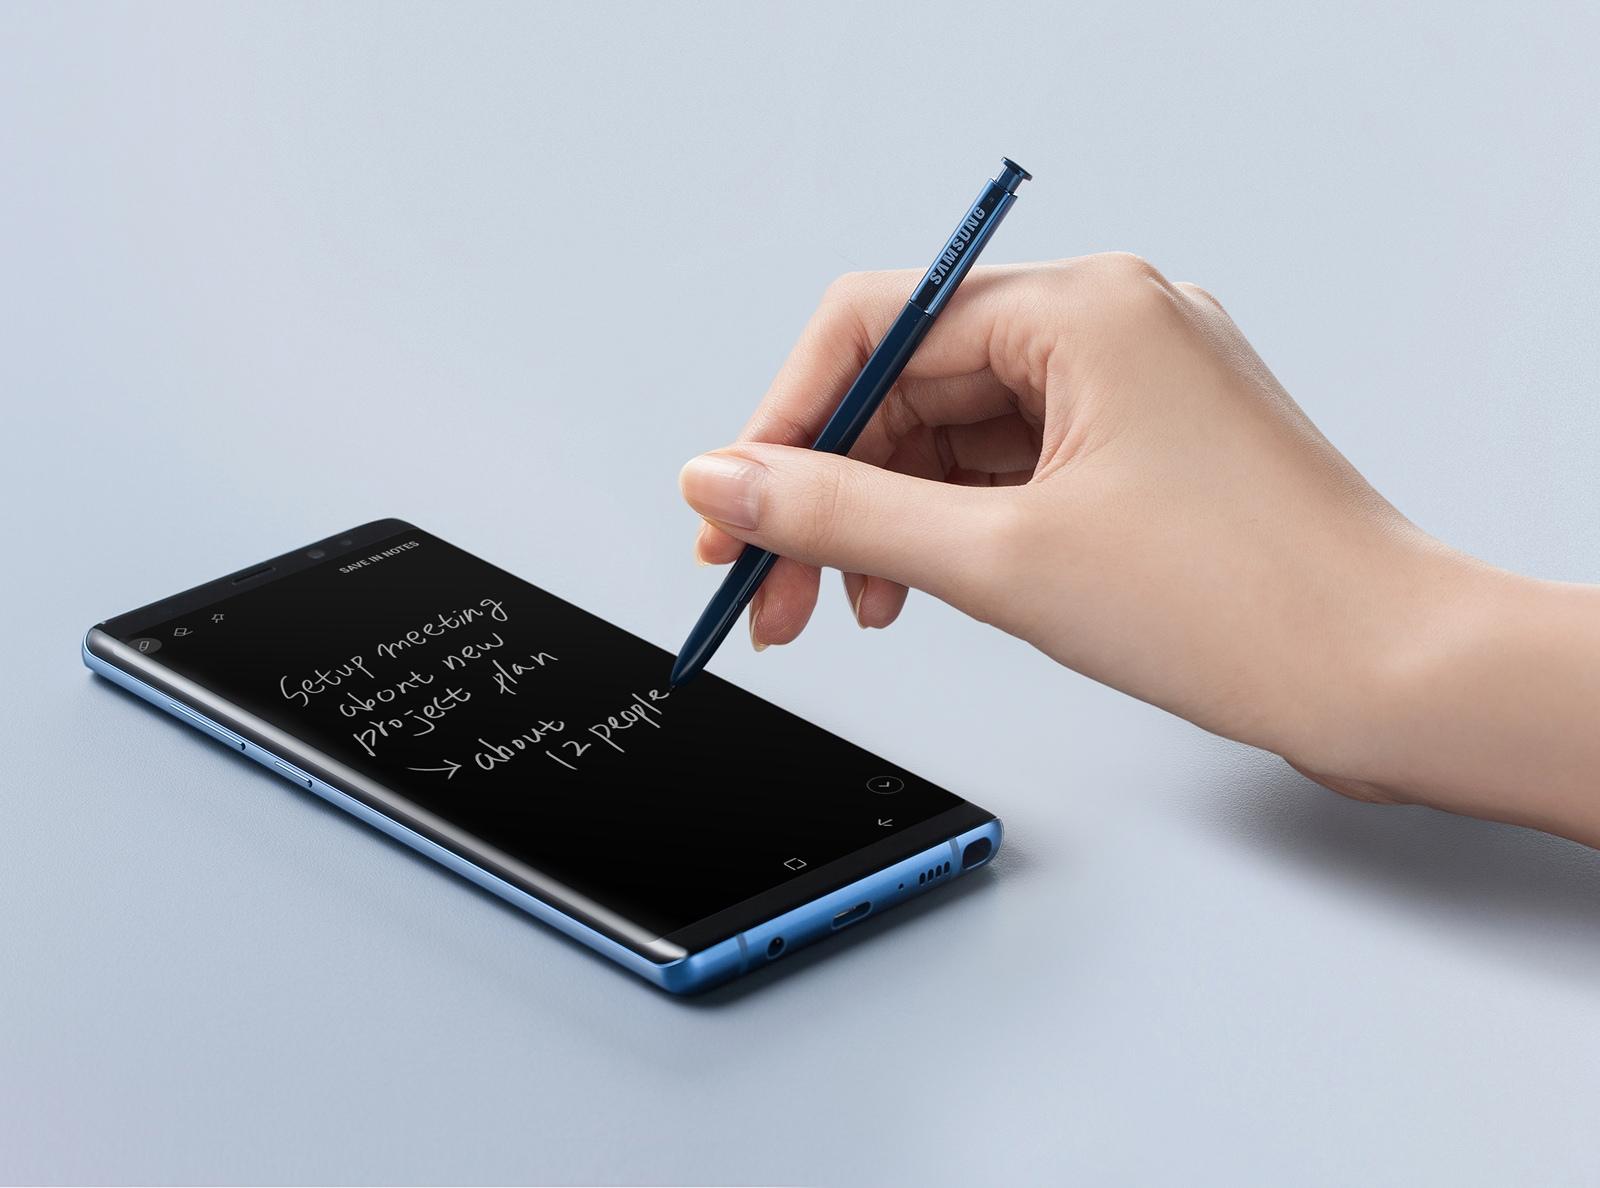 Nõuanded! Kuidas nutitelefoniga edukalt tööd teha?